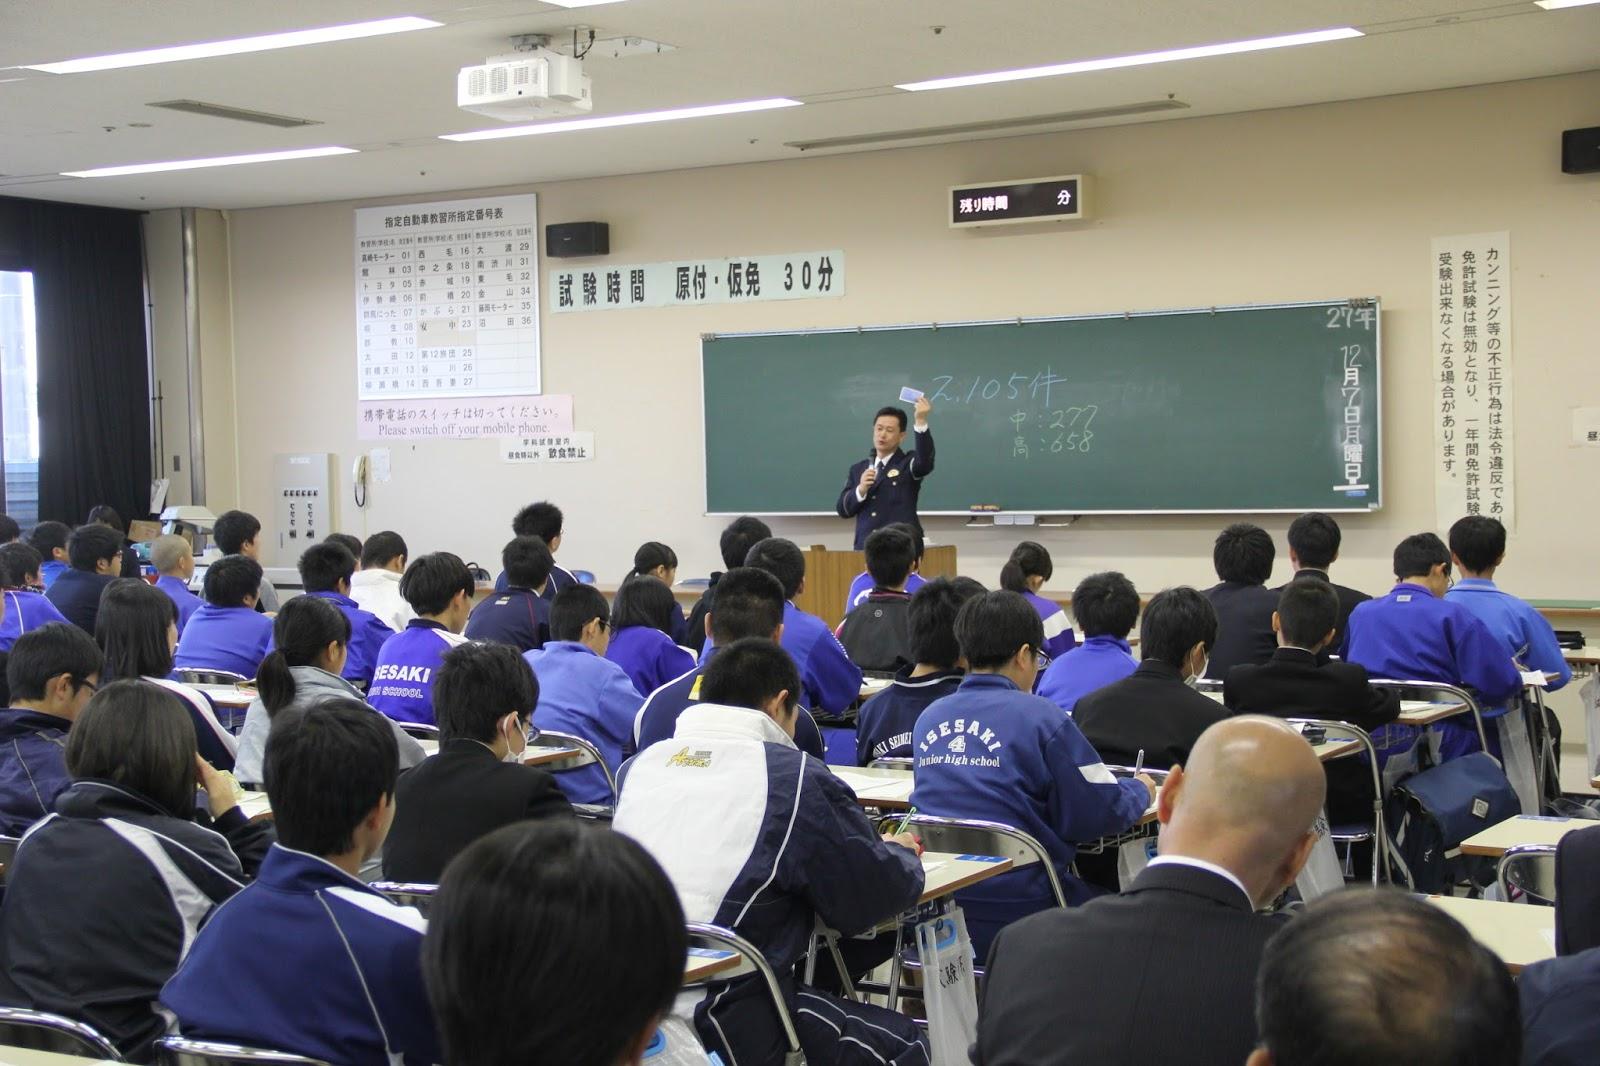 渋川市立古巻中学校blog: 群馬県...